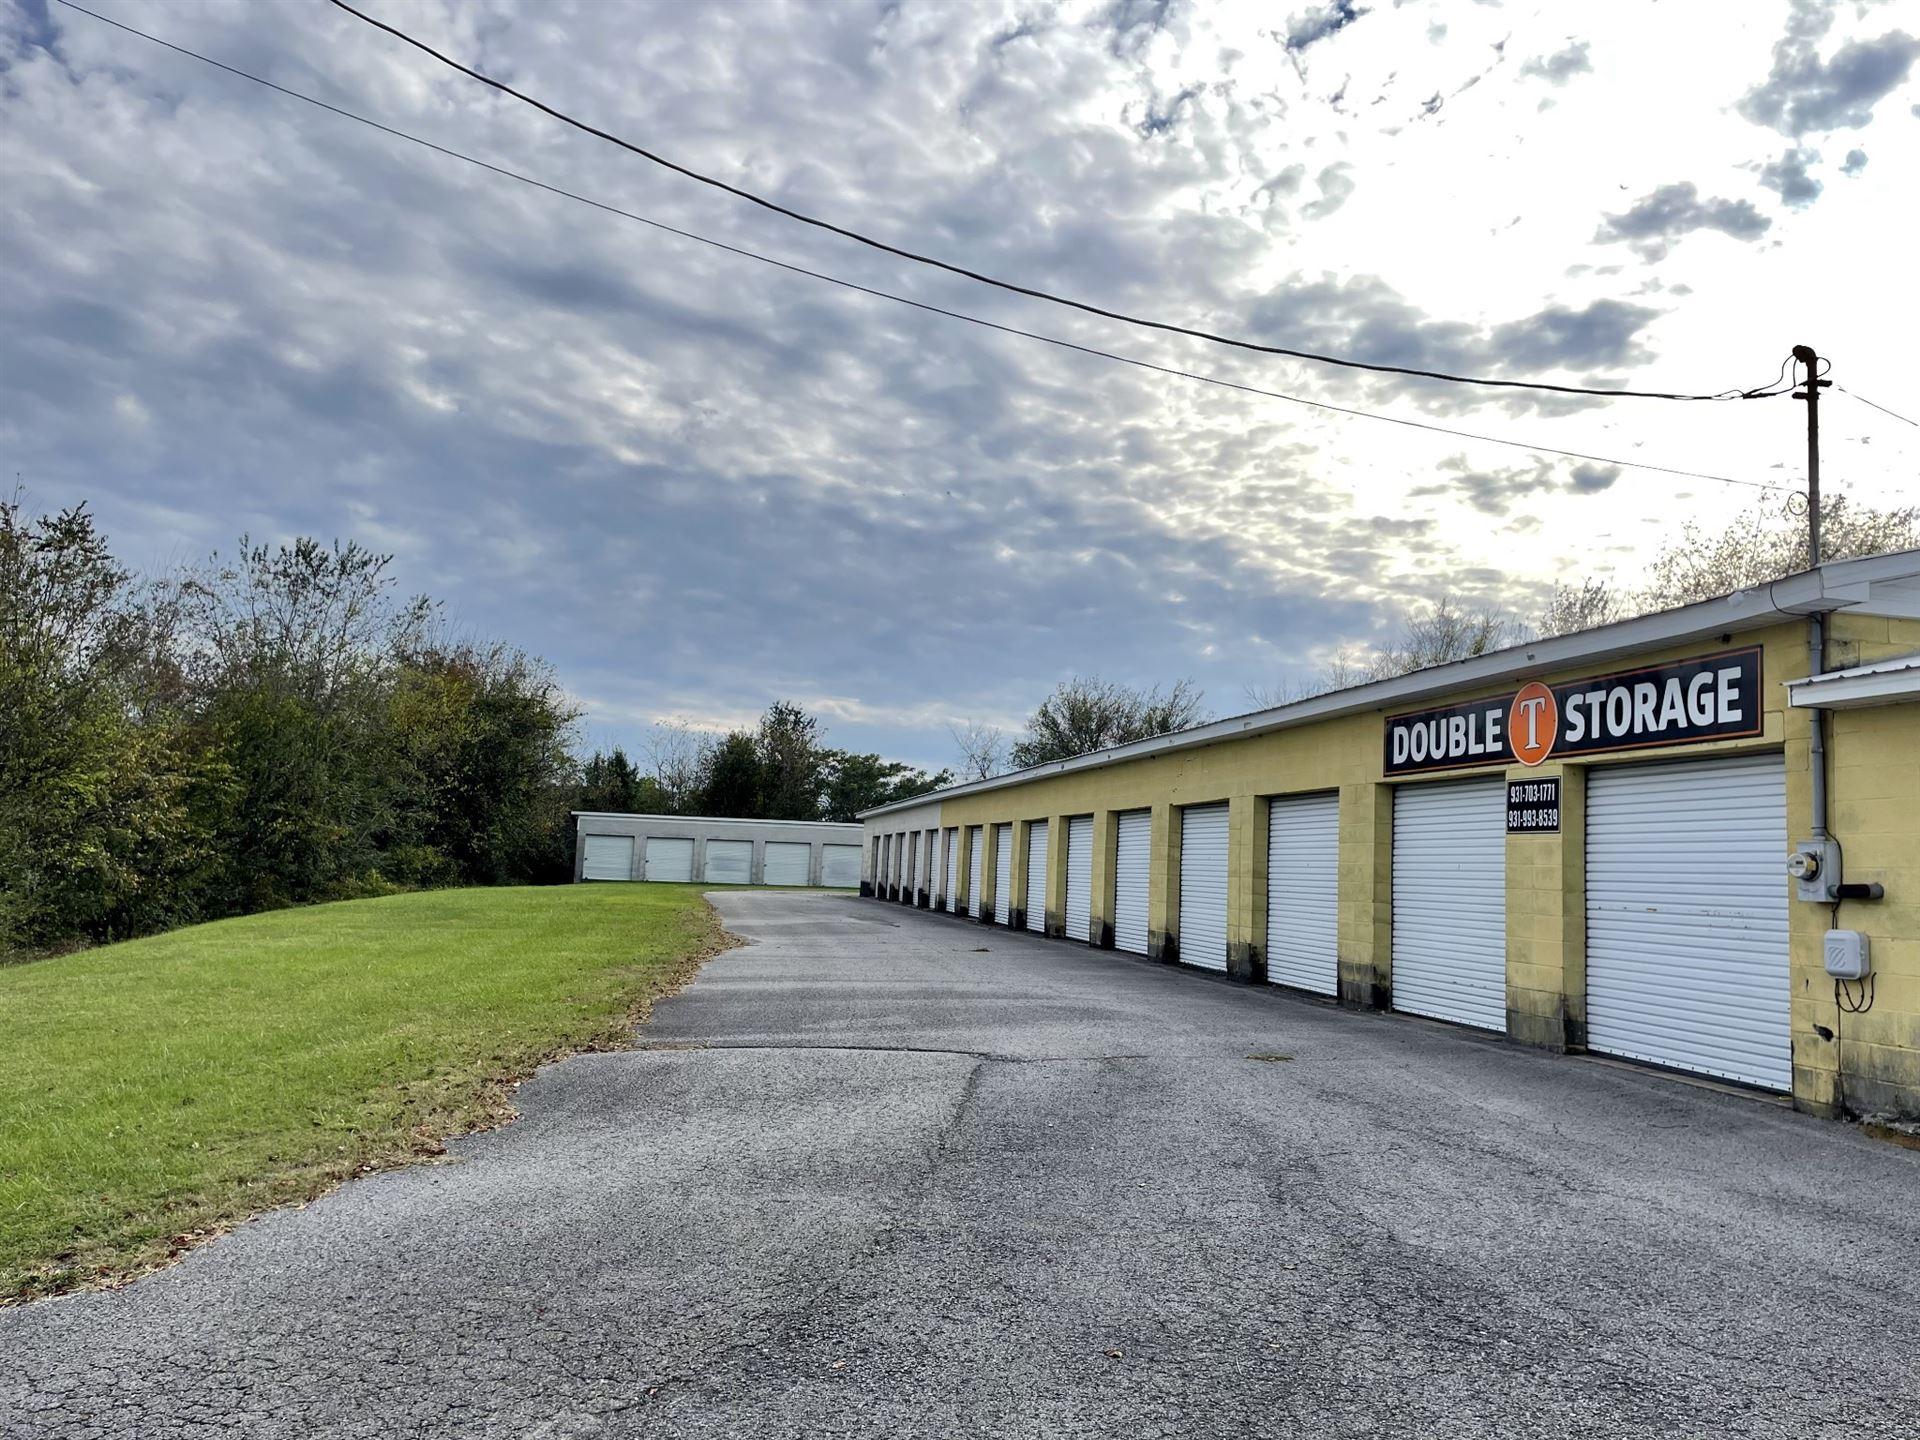 Photo of 1819 Wilson Pkwy, Fayetteville, TN 37334 (MLS # 2302912)